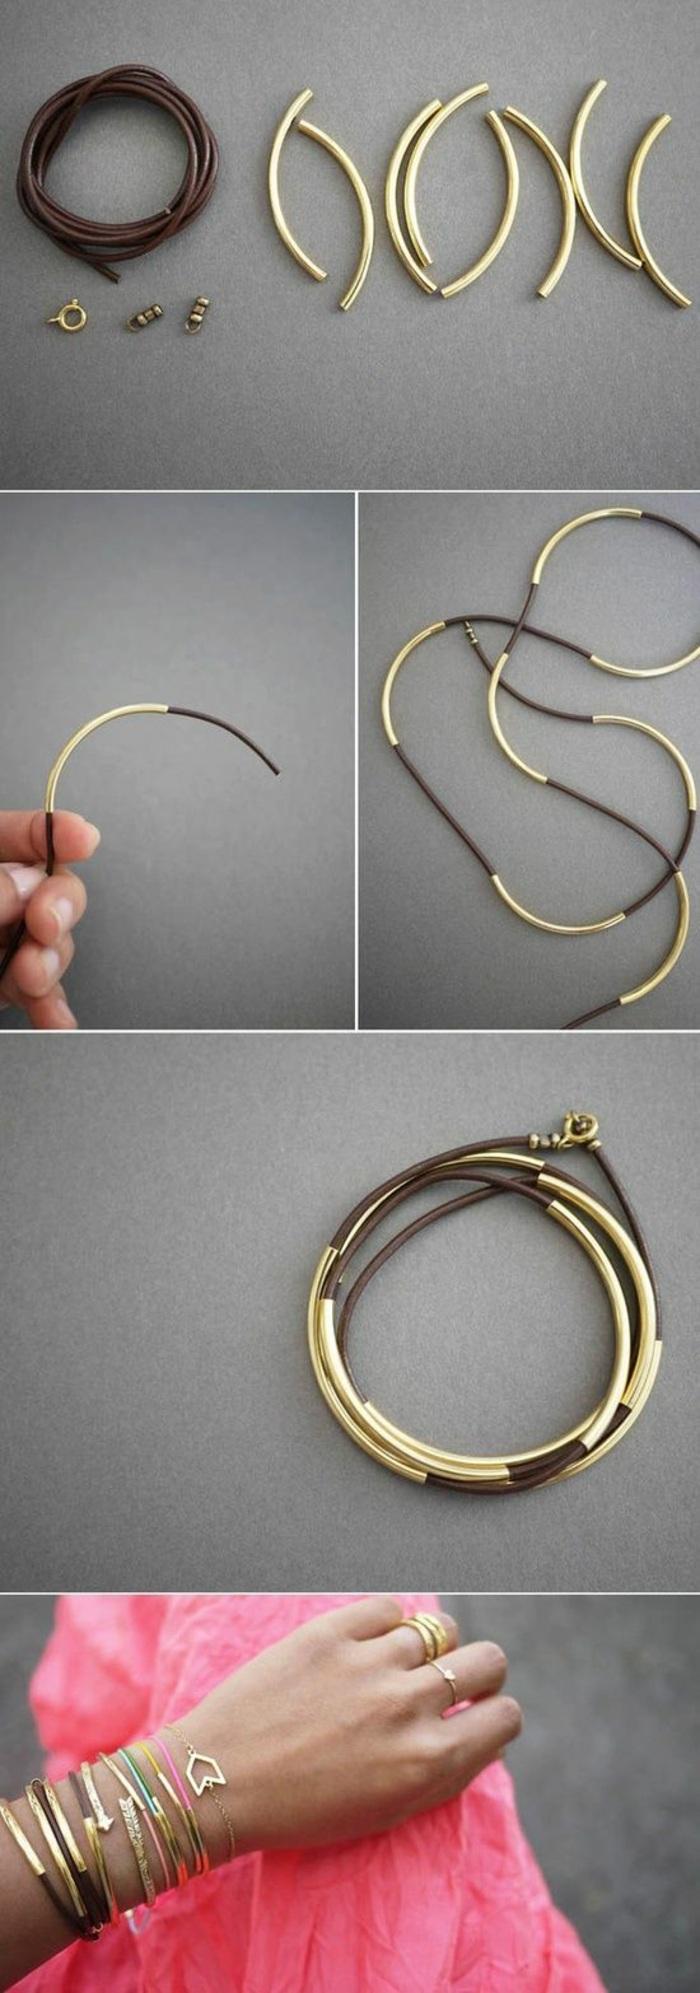 activité manuelle printemps, faire ses bijoux soi-même, tutoriel création bracelet bimatière, modèle de bracelet doré diy